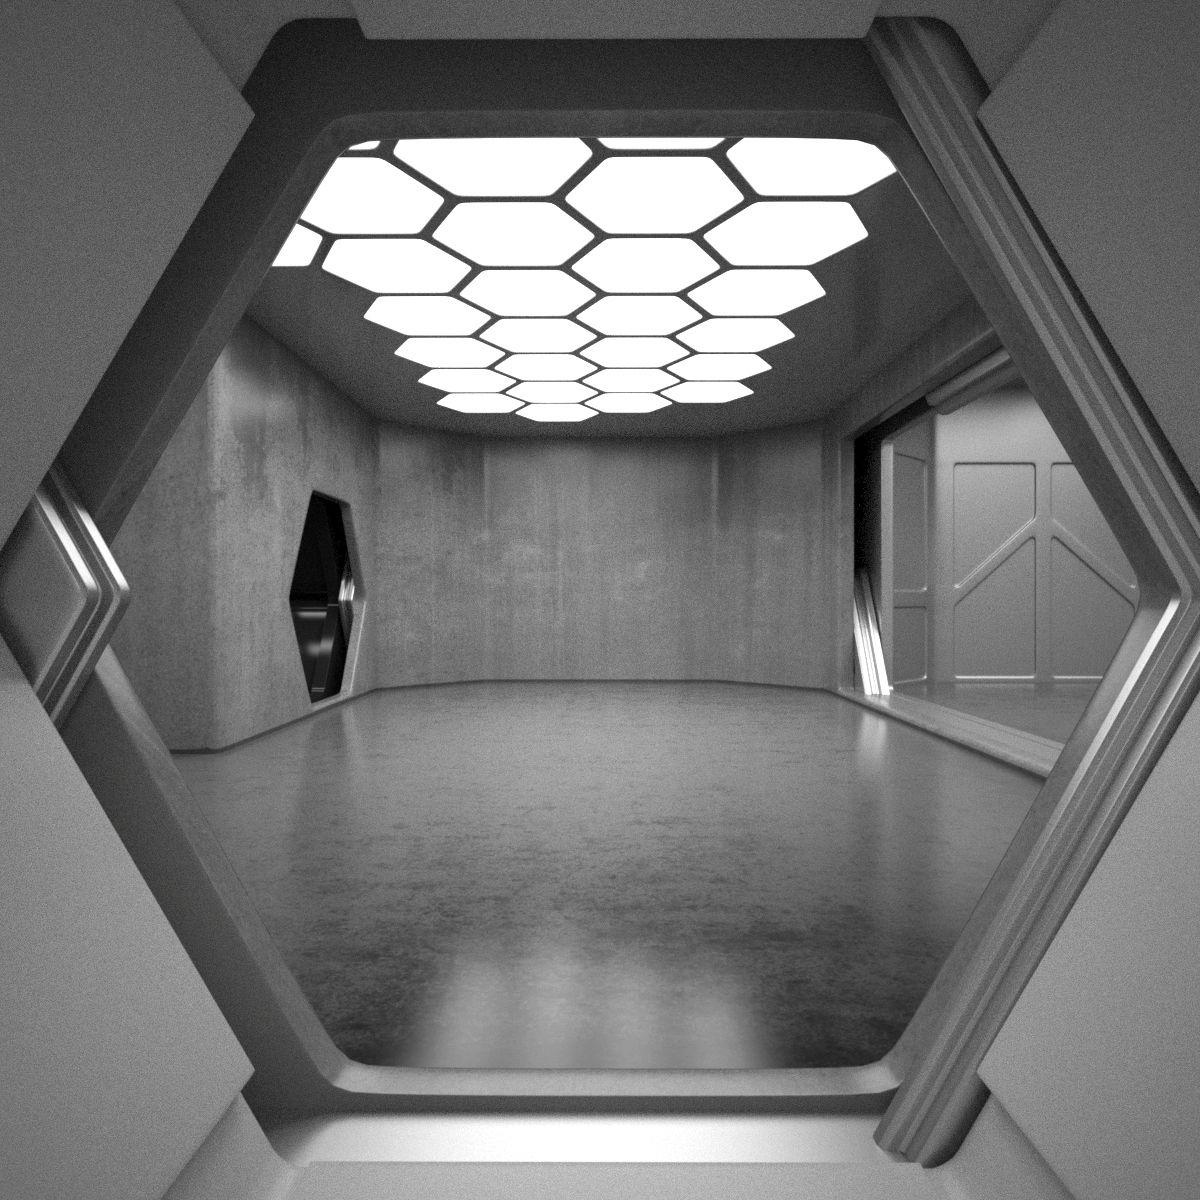 Futuristic Home Decor: Sci Fi Interior 3D Model In 2019